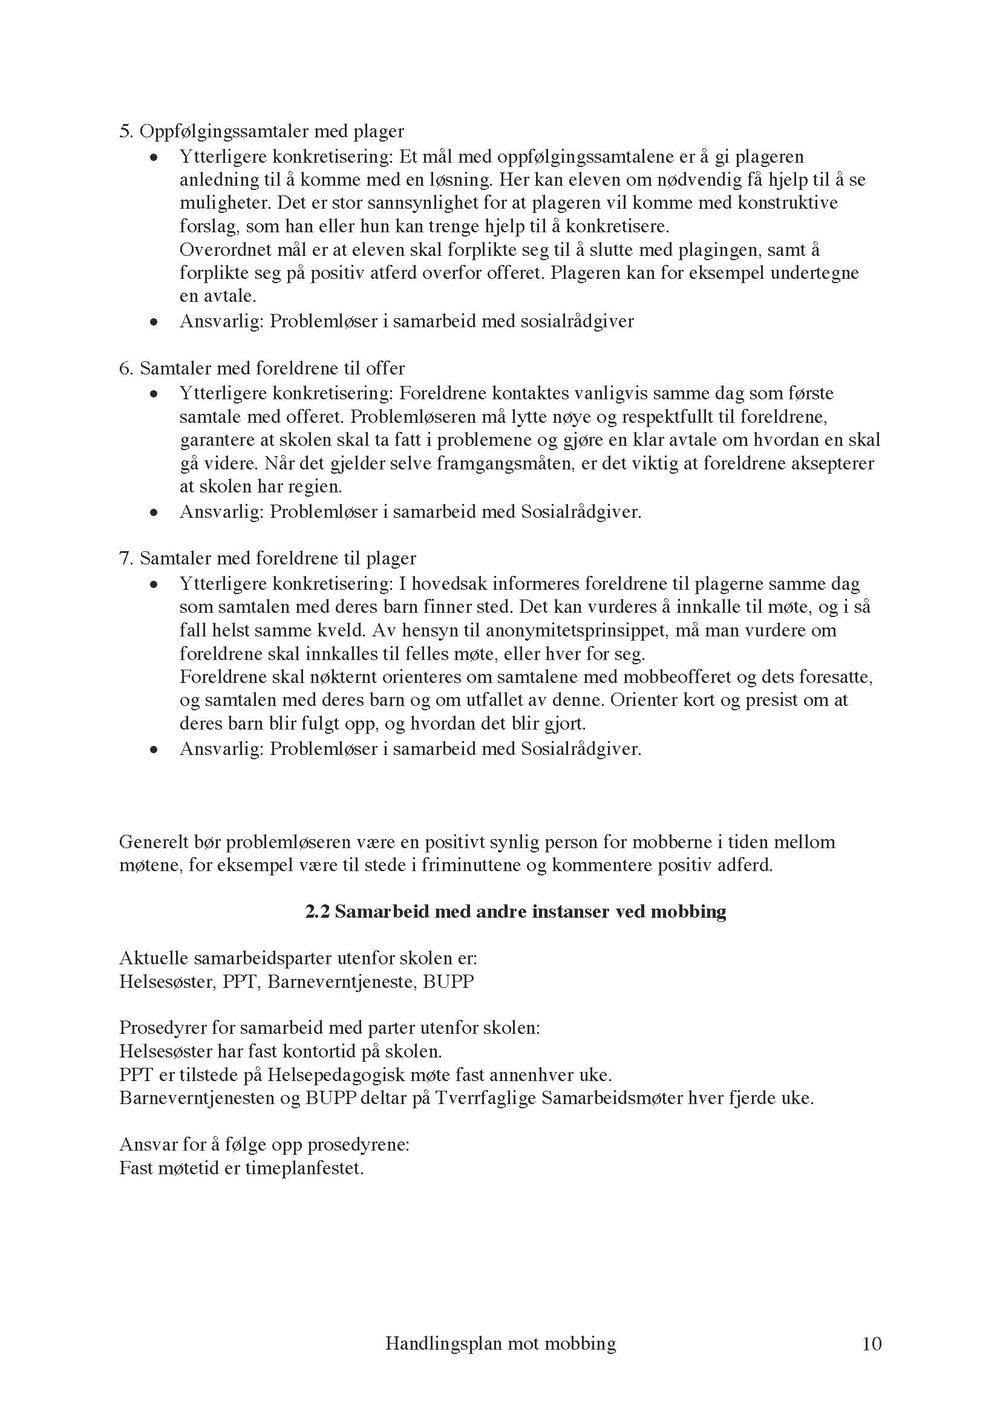 Handlingsplan mot mobbing _Page_10.jpg